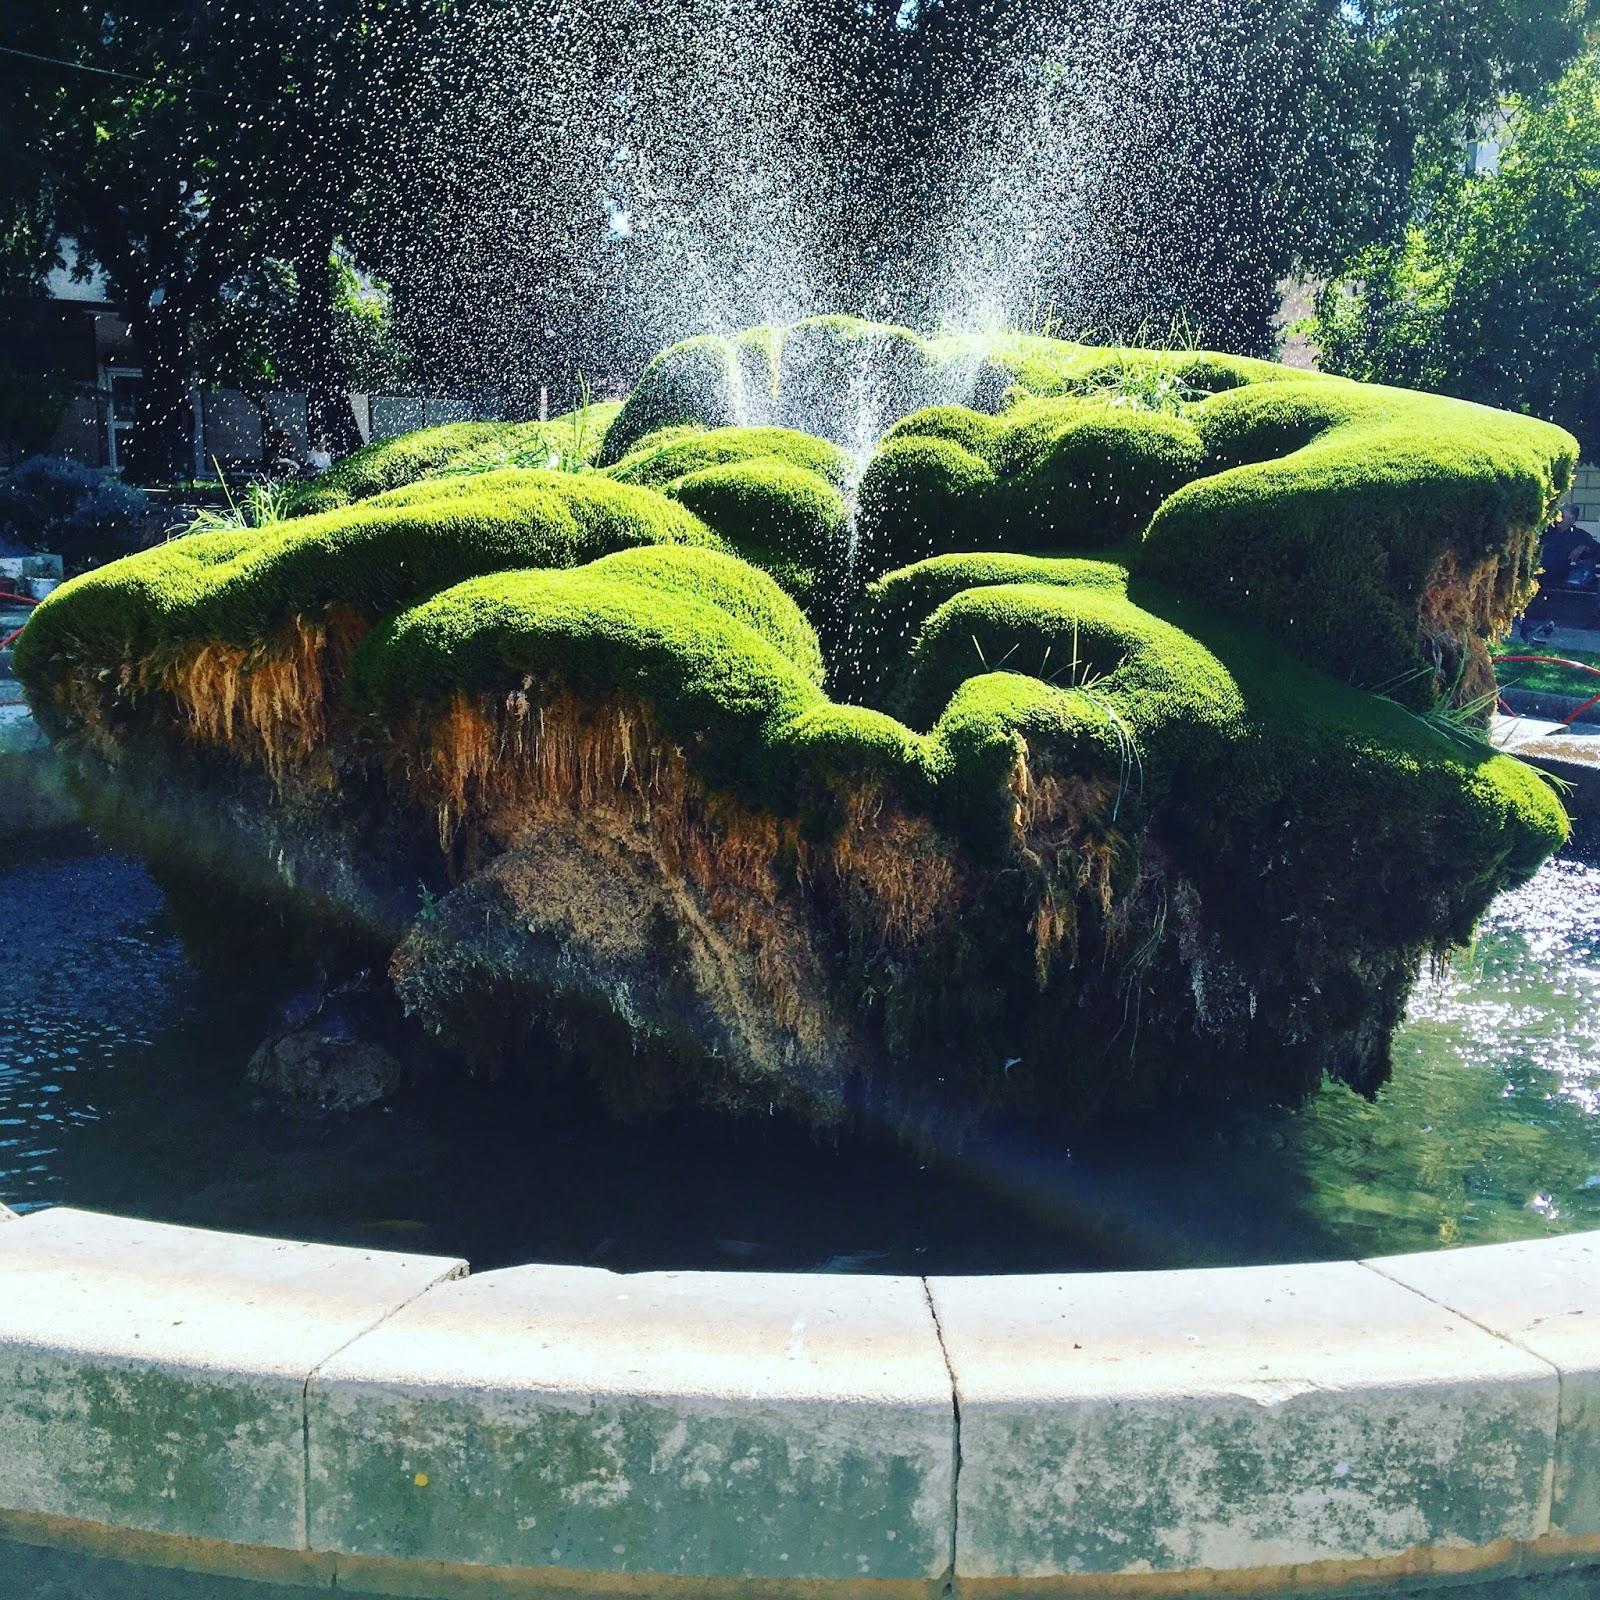 Šibenik - starobylé město, mechová fontána s želvami, malá oáza uprostřed rozpáleného města